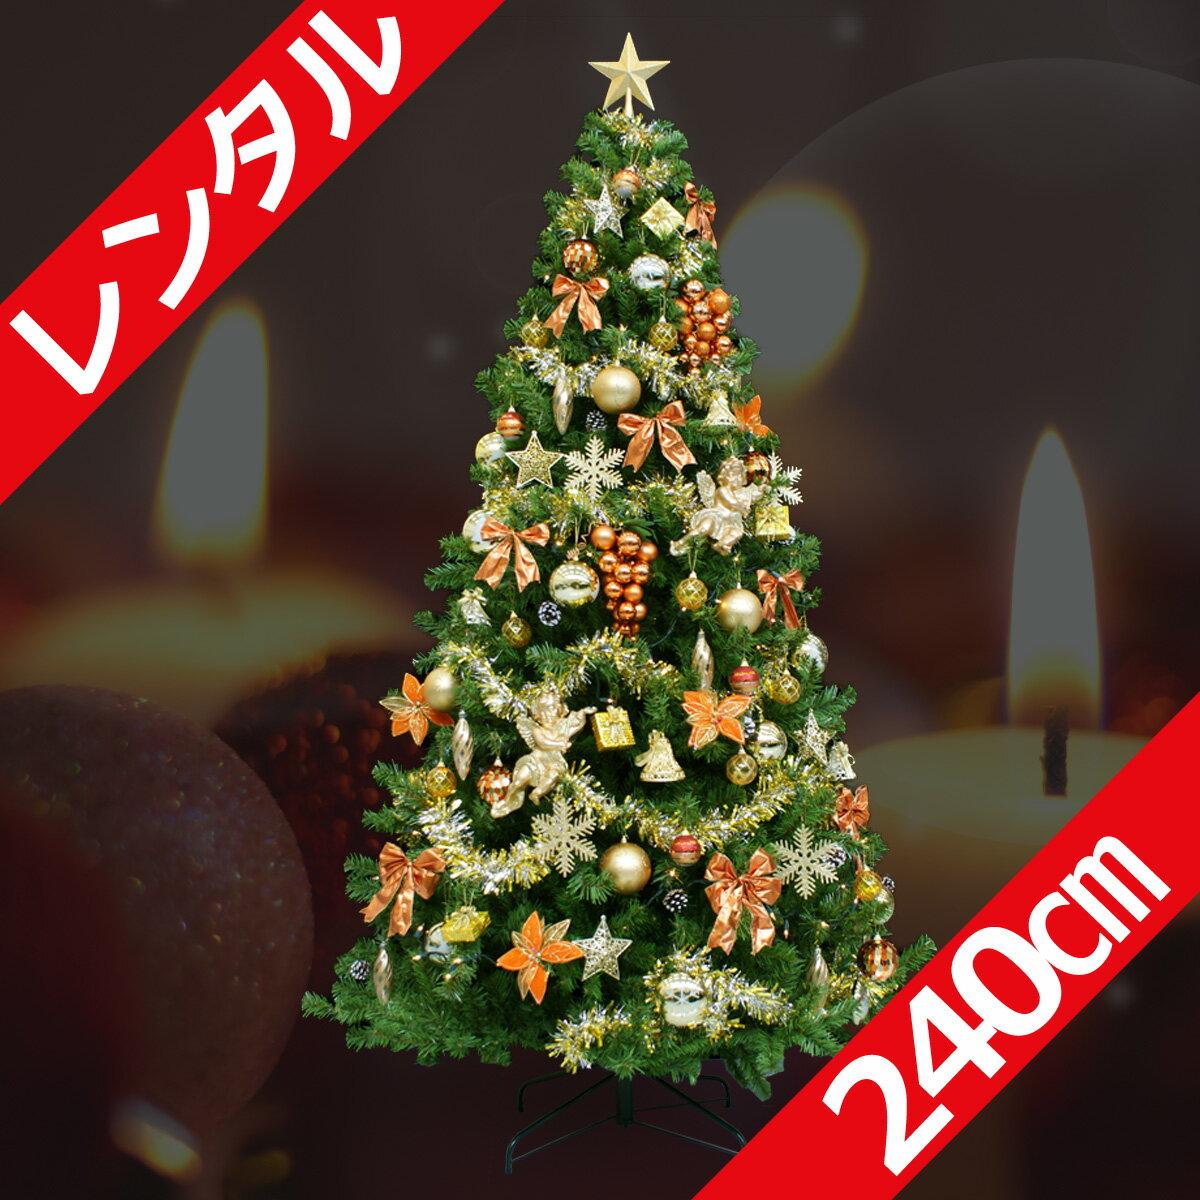 【レンタル】 クリスマスツリー セット 240cm ゴールド&コパー 【往復 送料無料】 クリスマスツリー レンタル fy16REN07